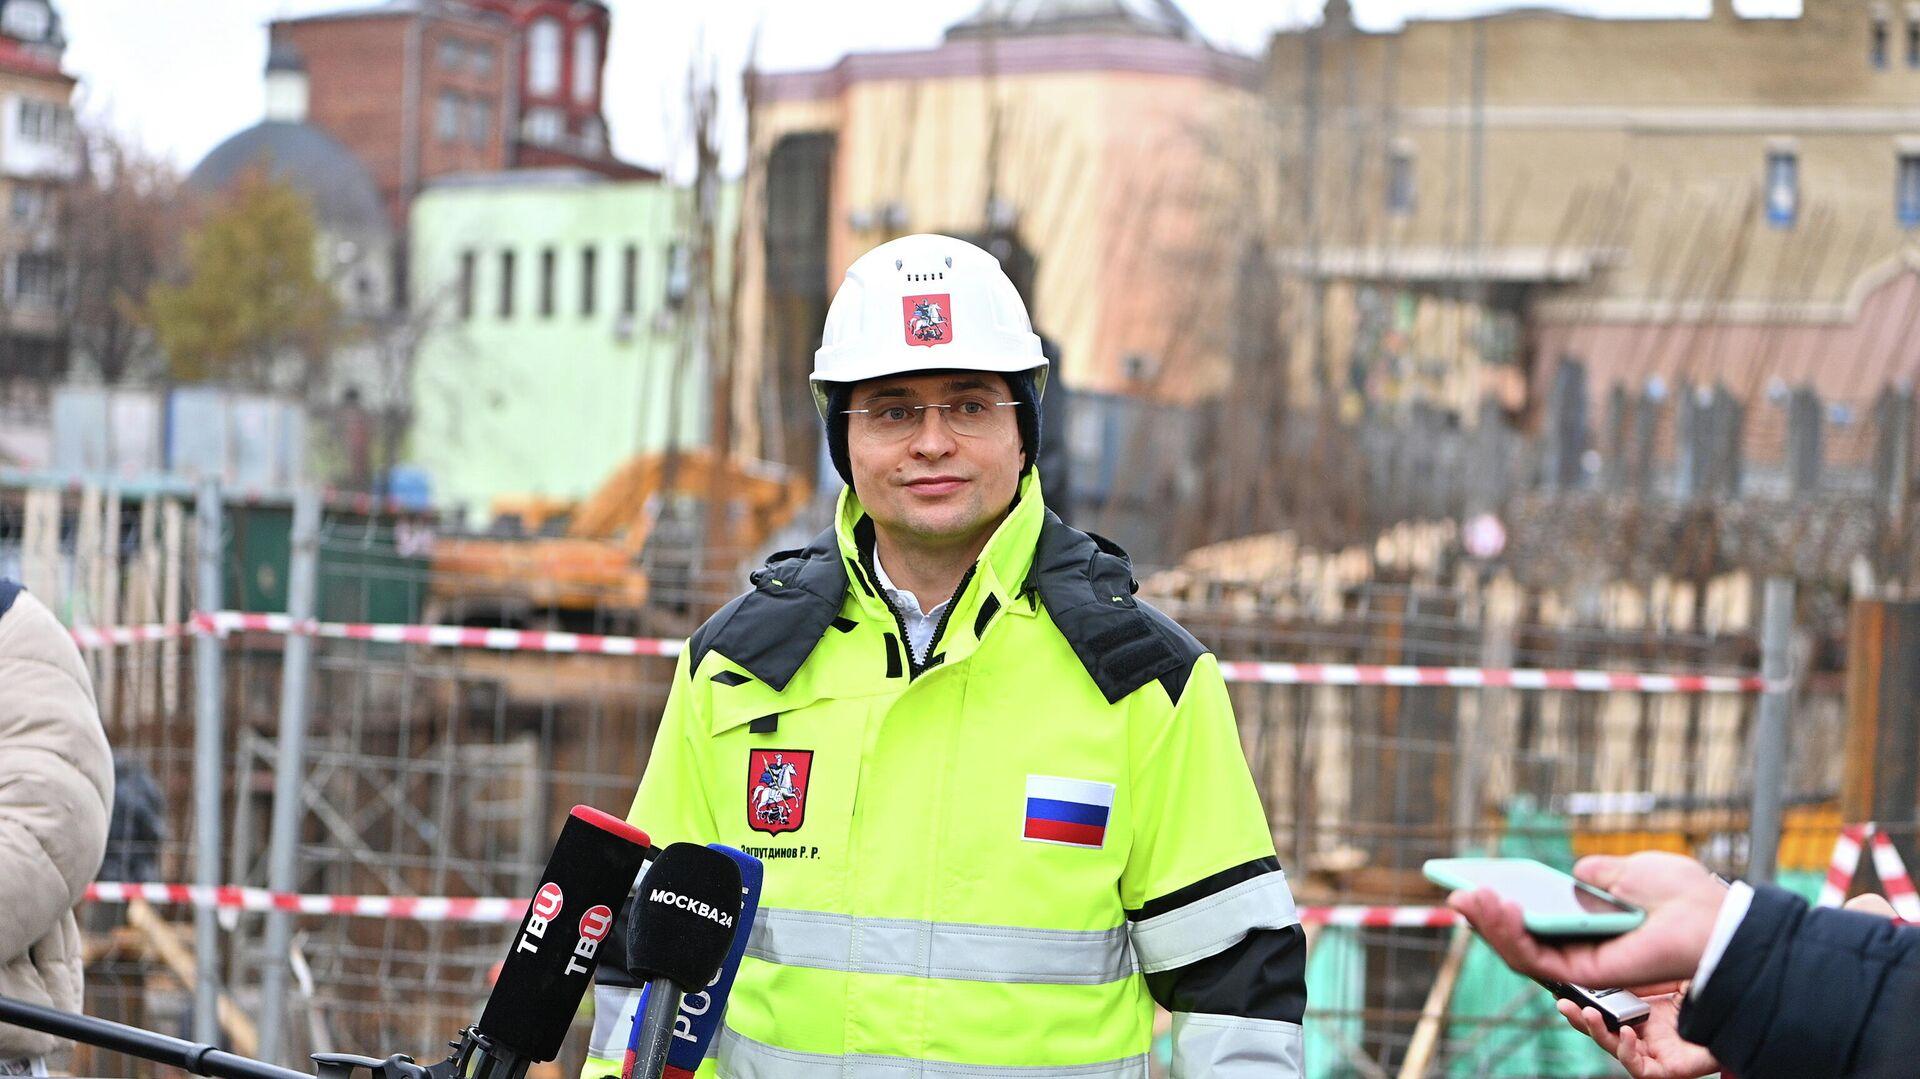 Глава департамента строительства Москвы Рафик Загрутдинов - РИА Новости, 1920, 03.03.2021